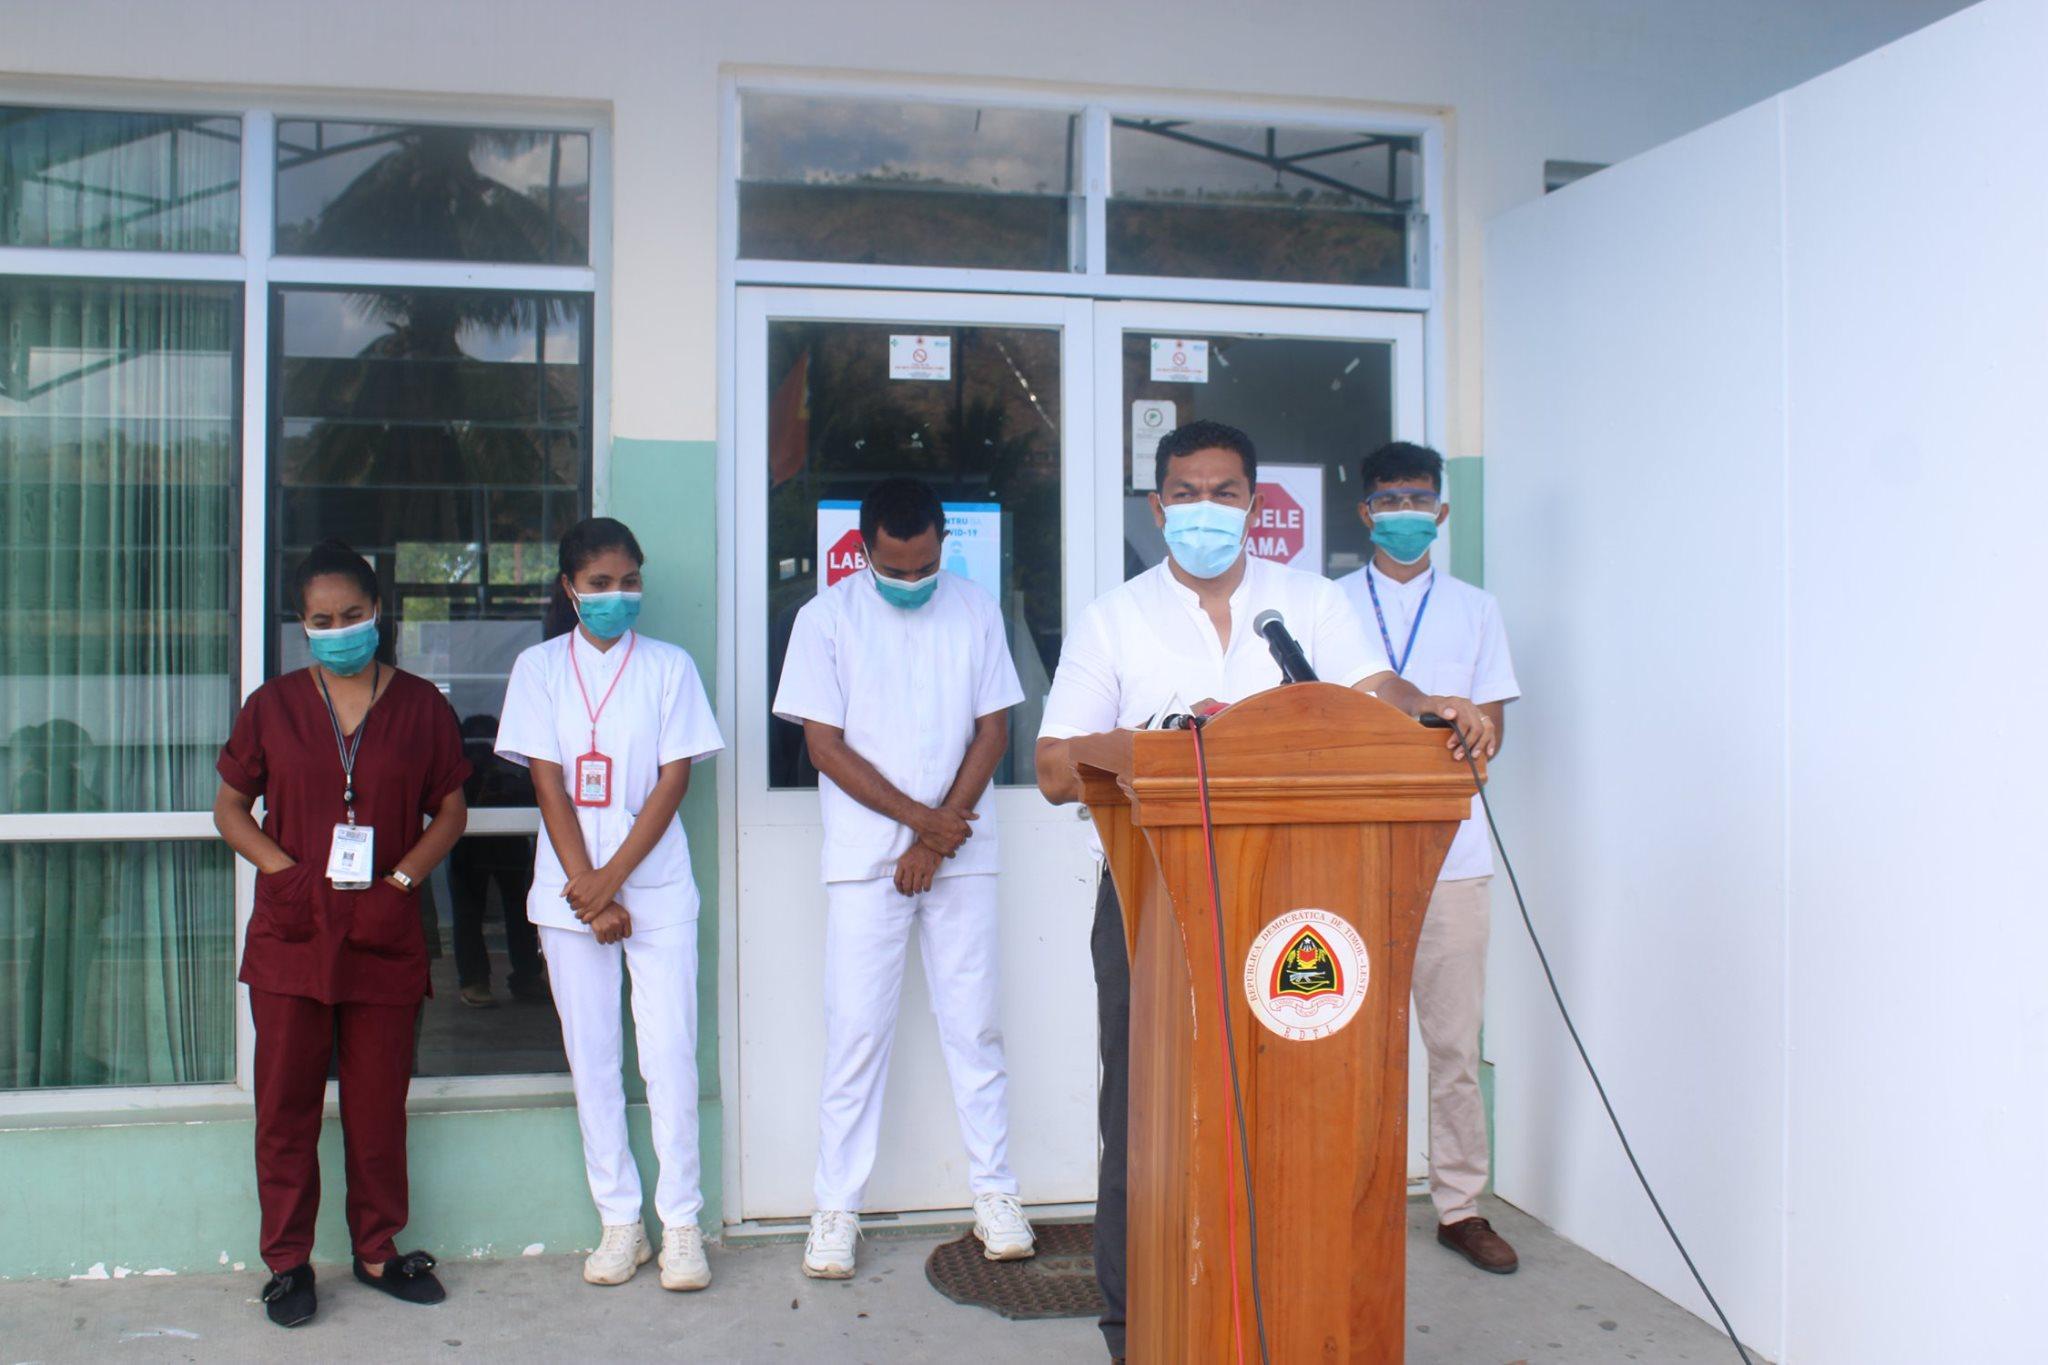 Ministério da Saúde de Timor-Leste